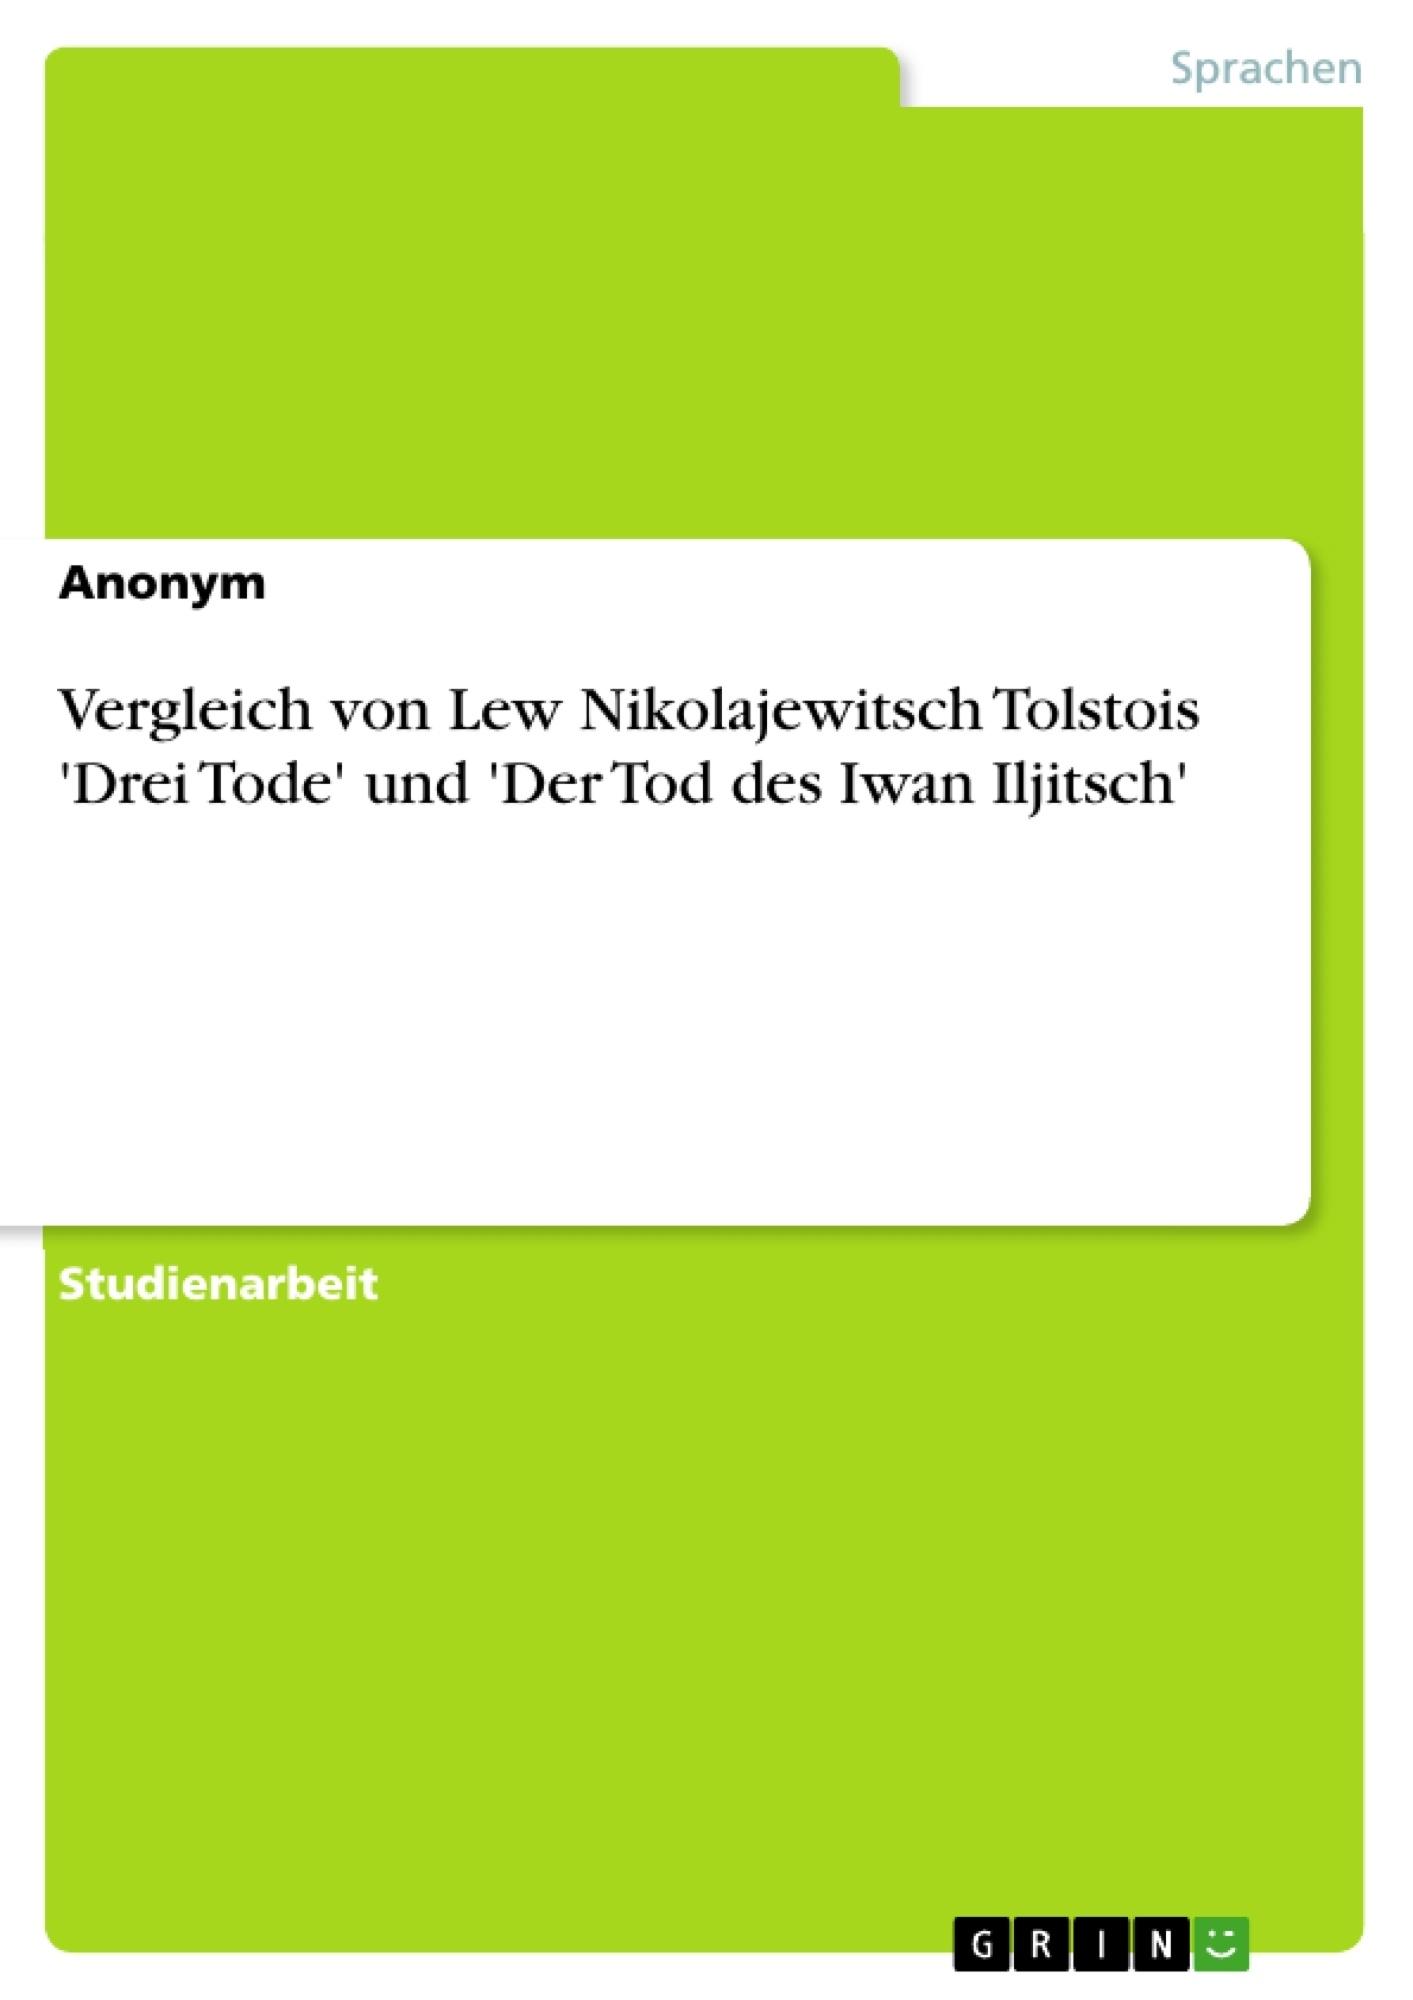 Titel: Vergleich von Lew Nikolajewitsch Tolstois 'Drei Tode' und 'Der Tod des Iwan Iljitsch'